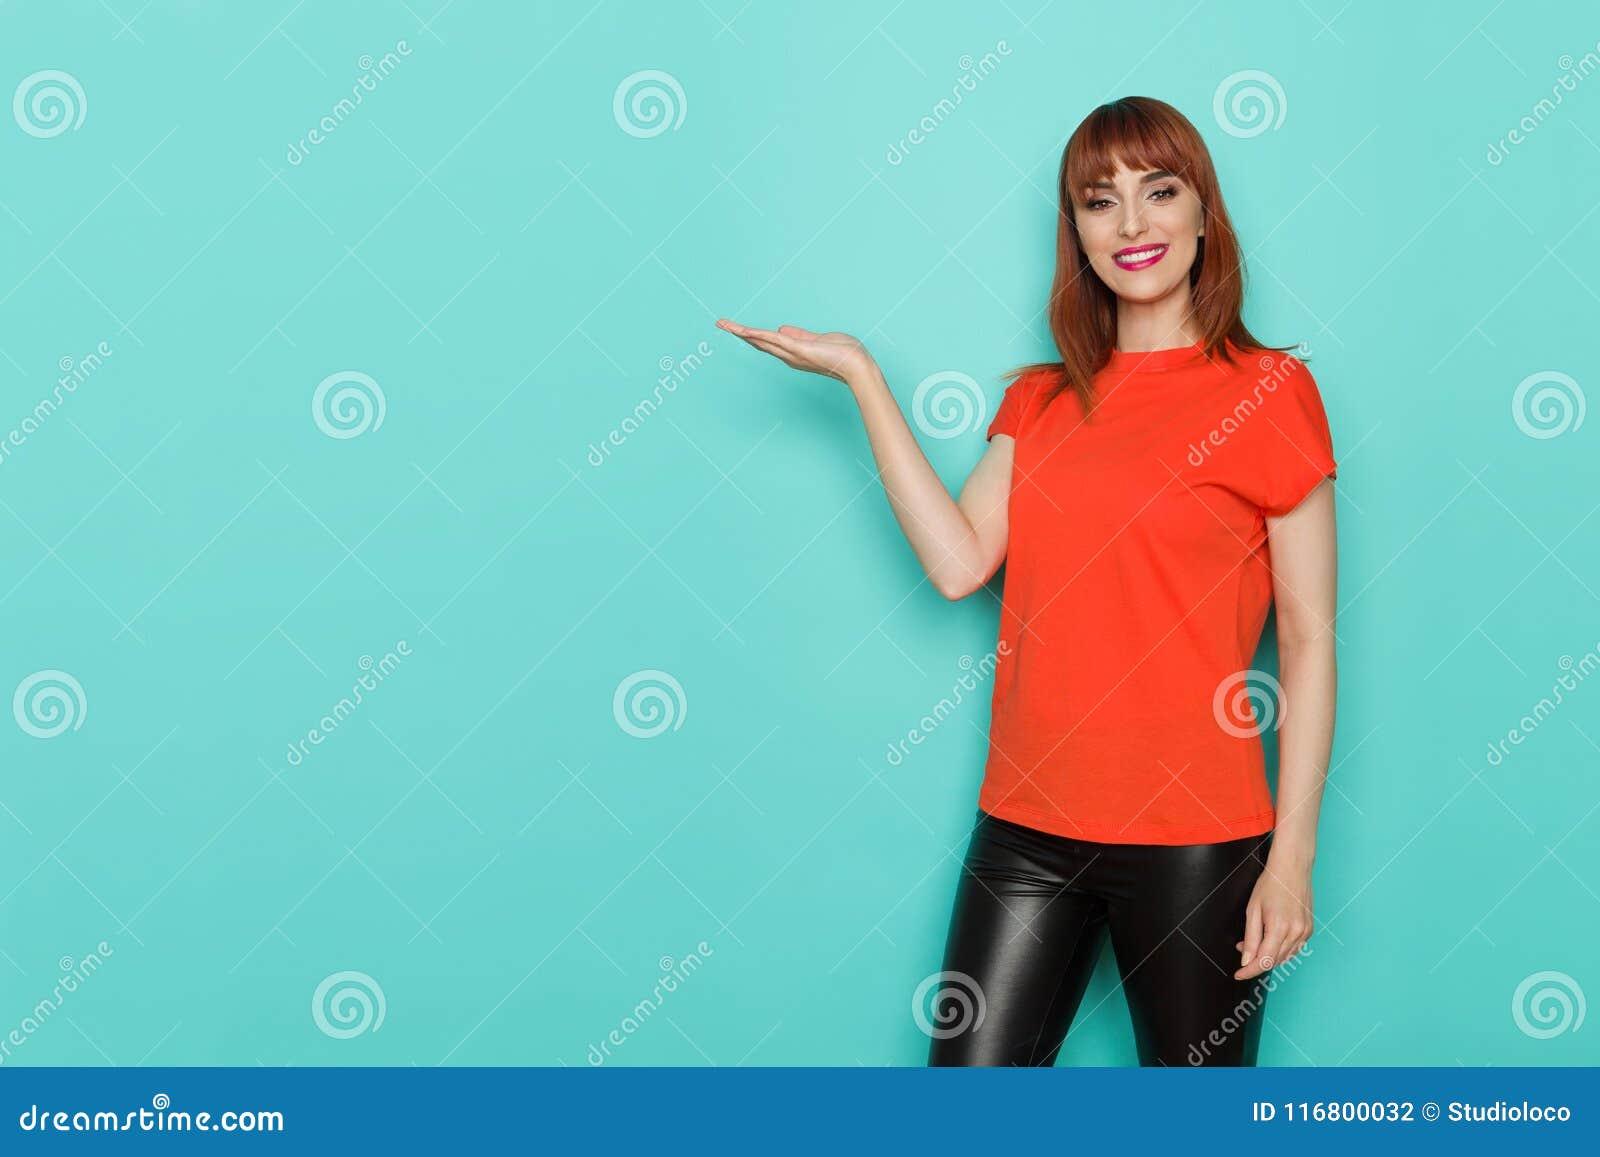 La donna sorridente in camicia arancio sta presentando qualcosa